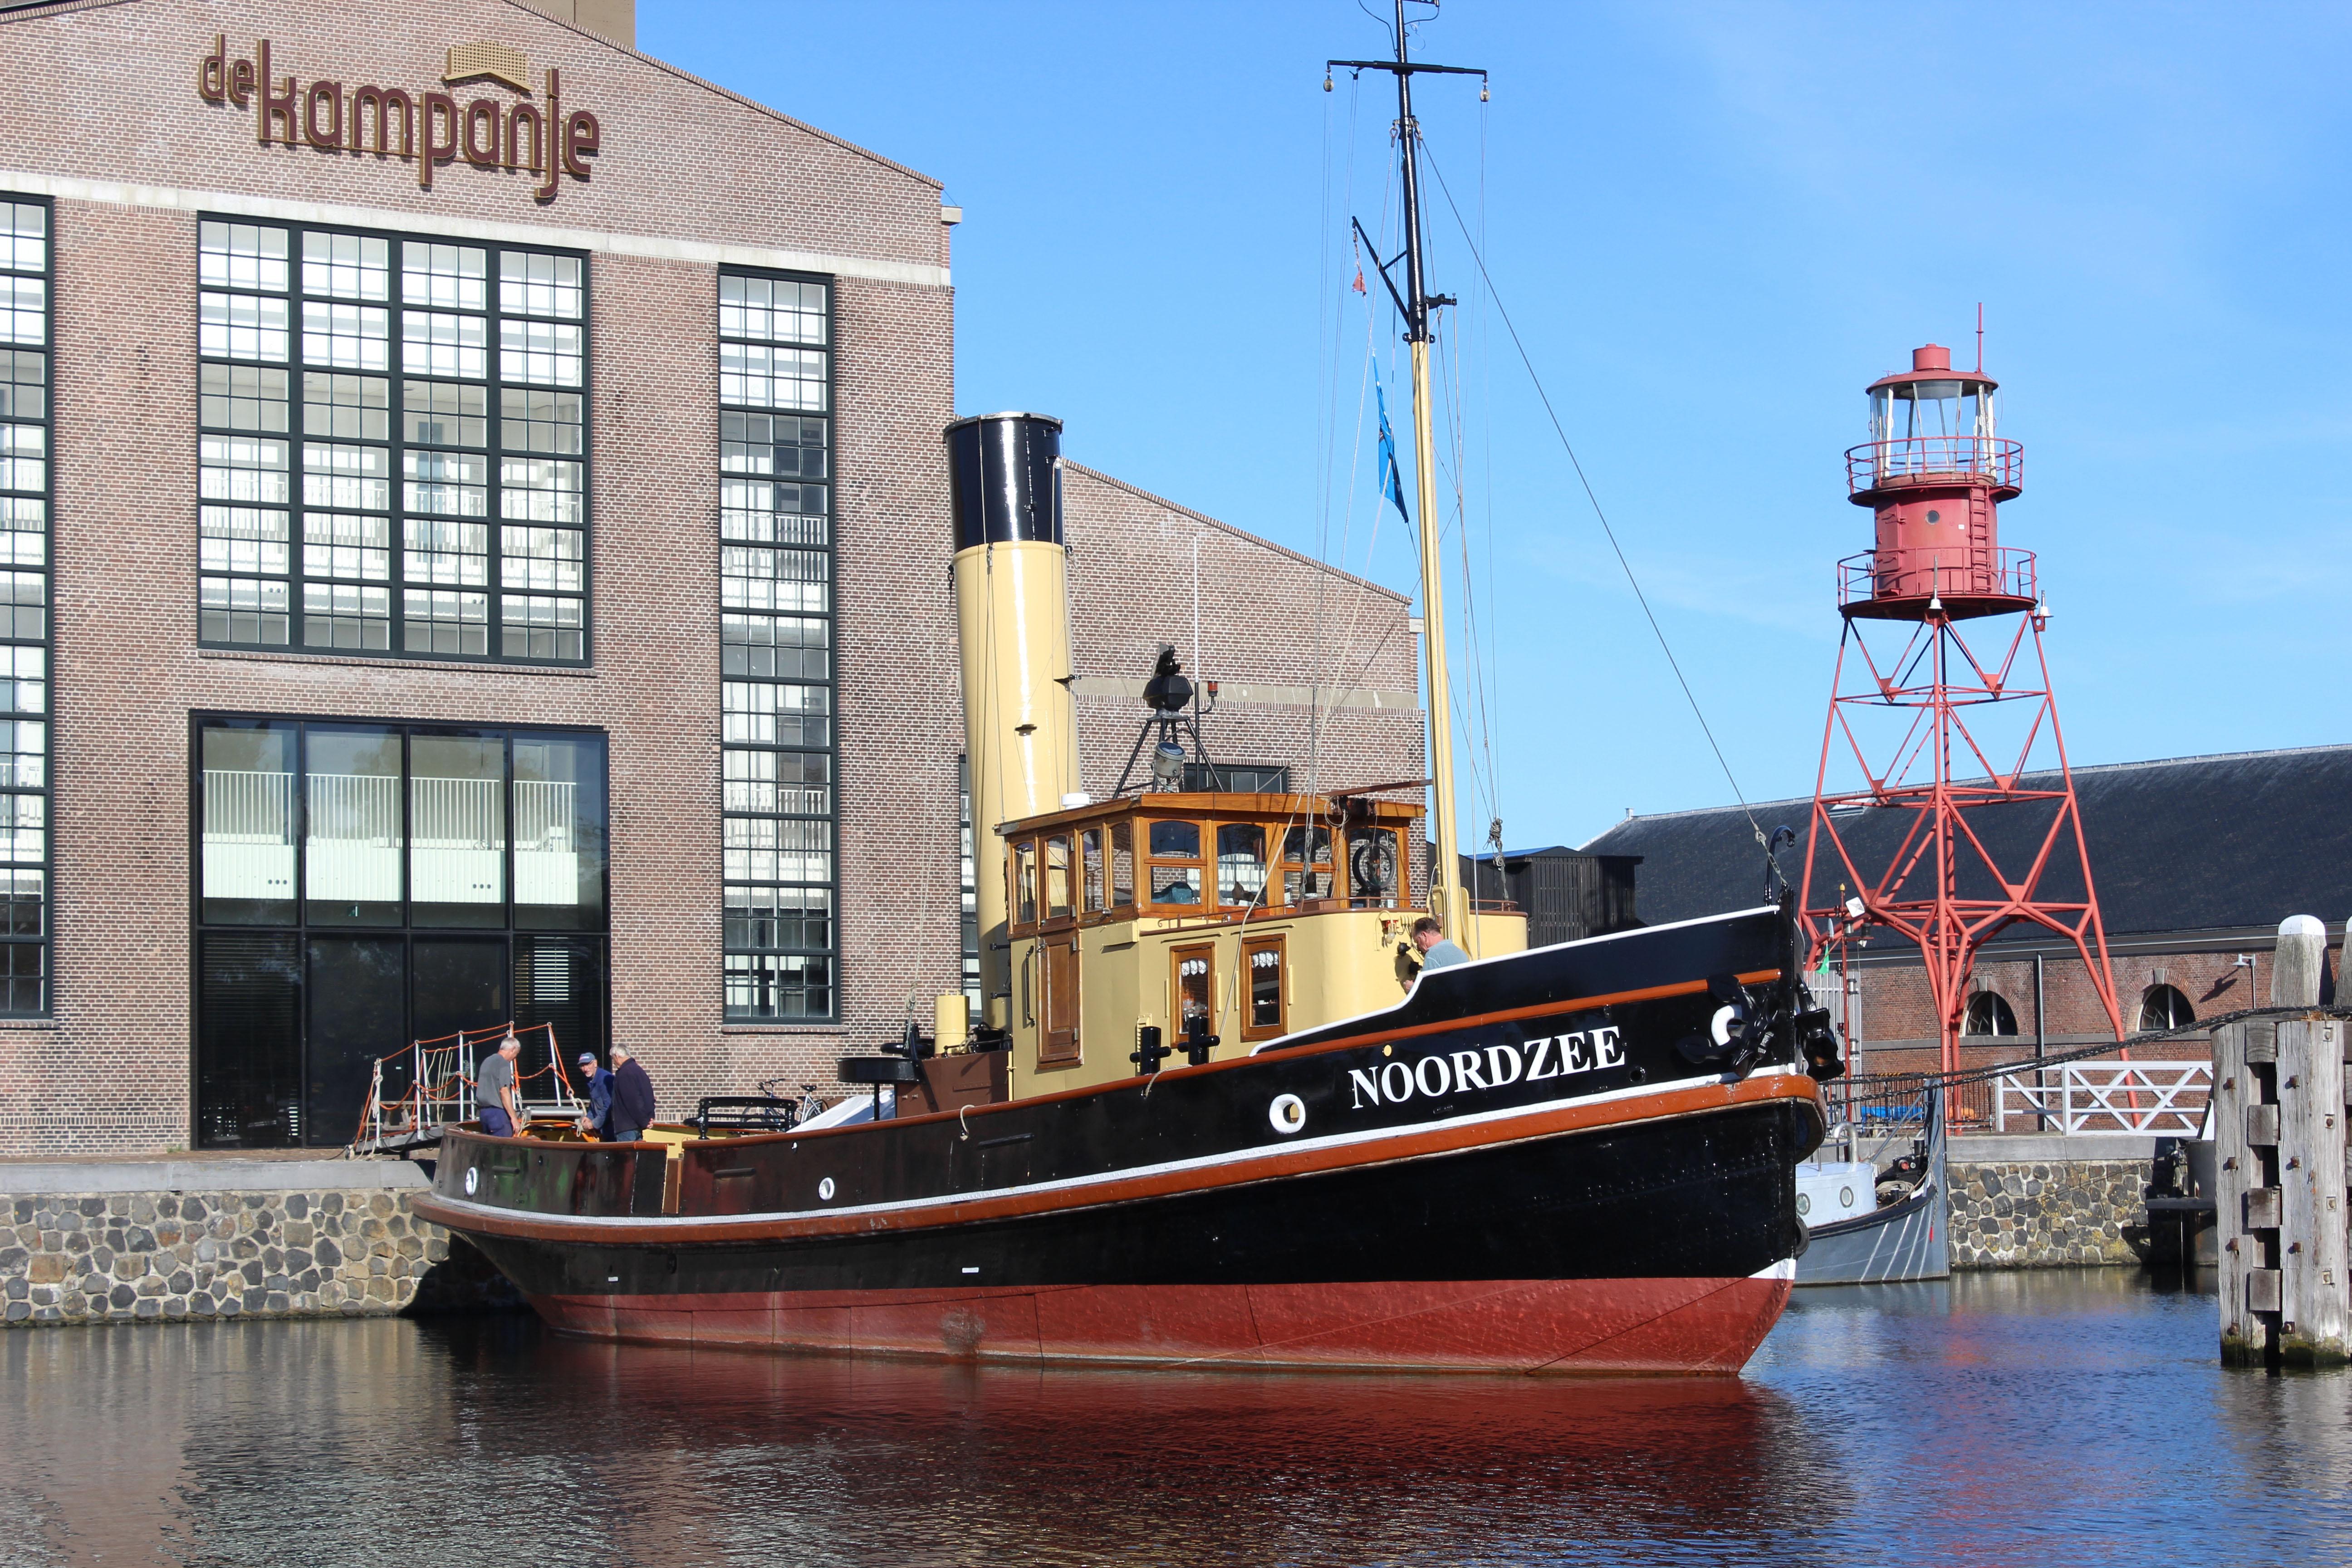 De stoomsleper Noordzee op haar vaste plek voor Theater De Kampanje in Museumhaven Willemsoord in Den Helder. (Foto: Stichting Stoomsleepboot Noordzee)